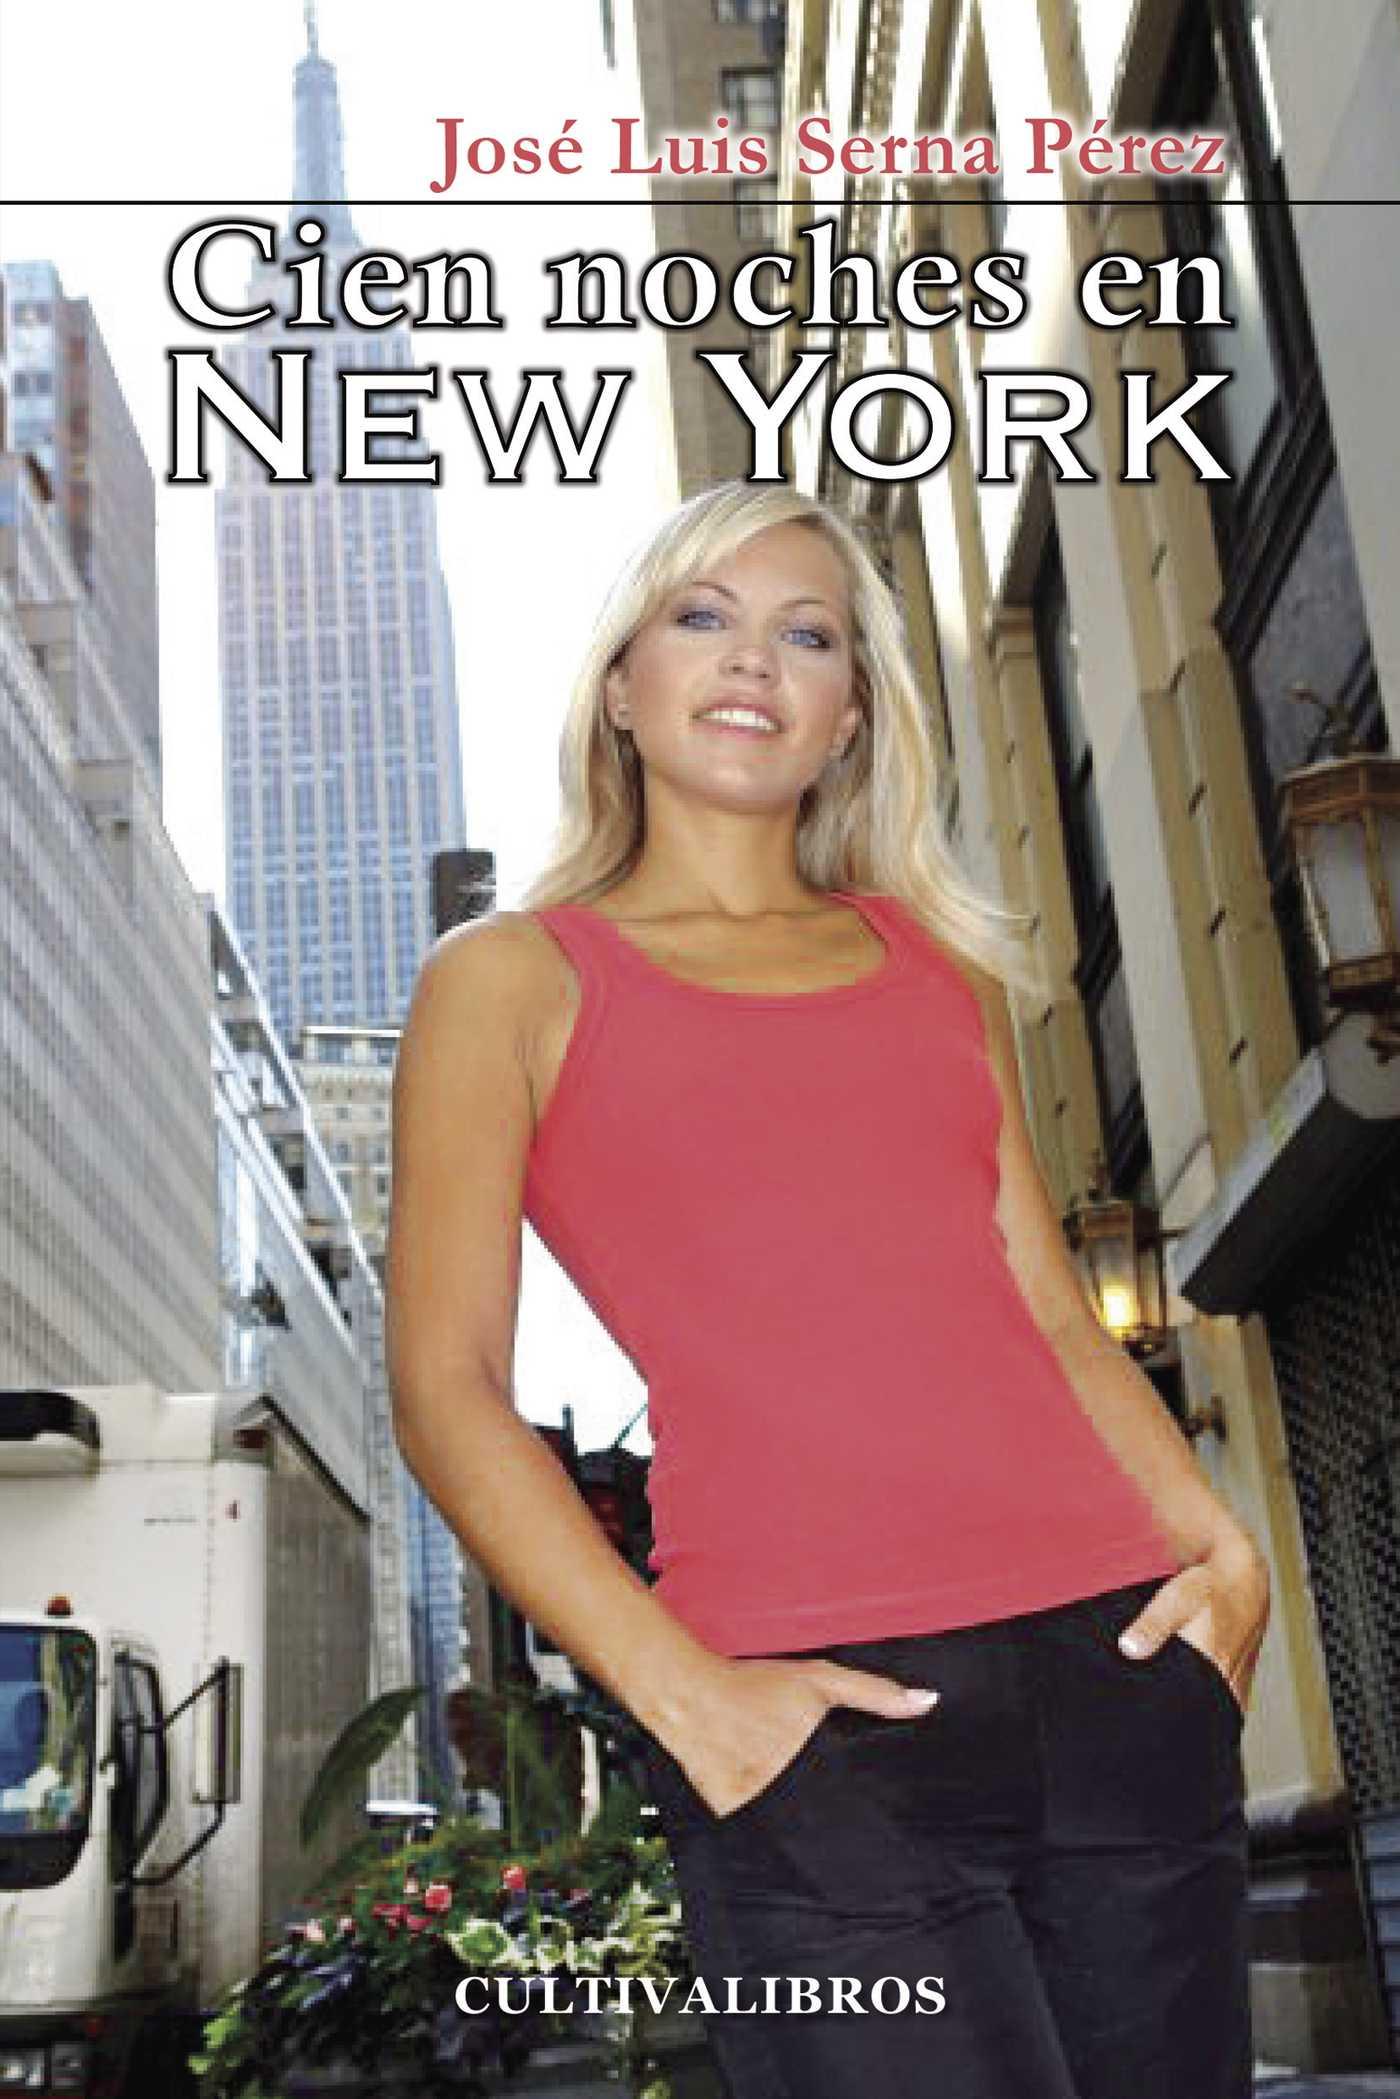 CIEN NOCHE EN NUEVA YORK